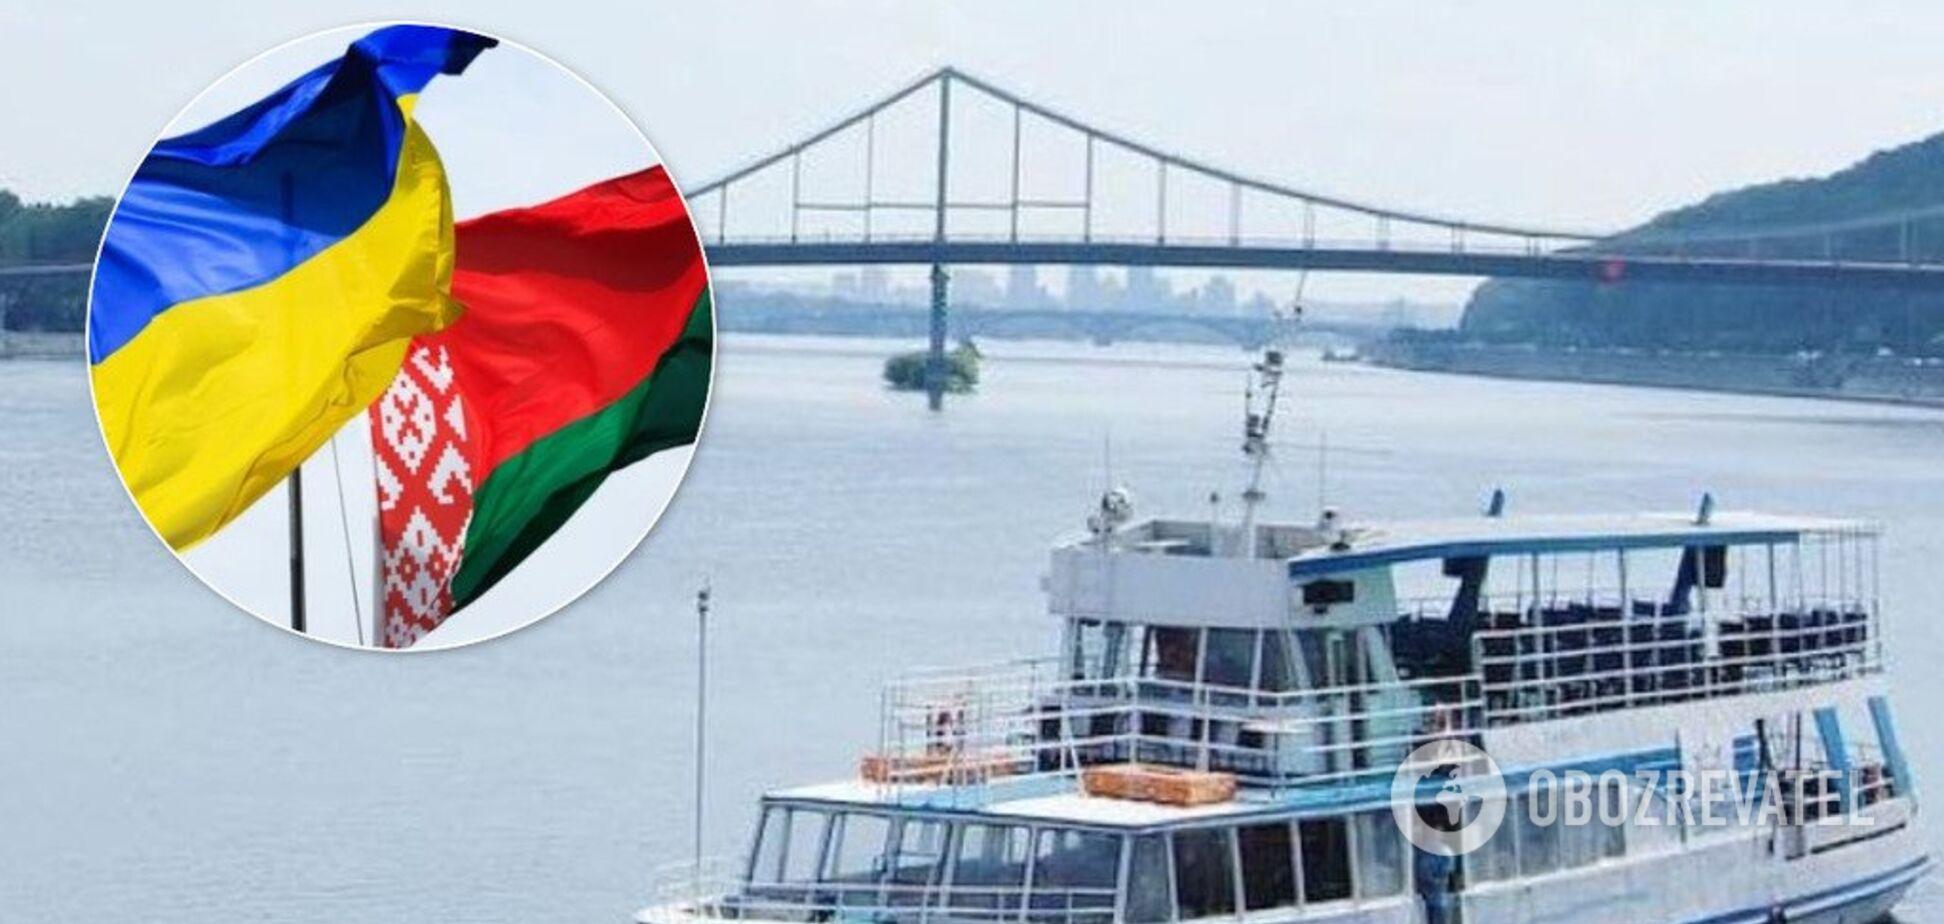 Україна планує запустити туристичний теплохід до Білорусі: названо маршрут